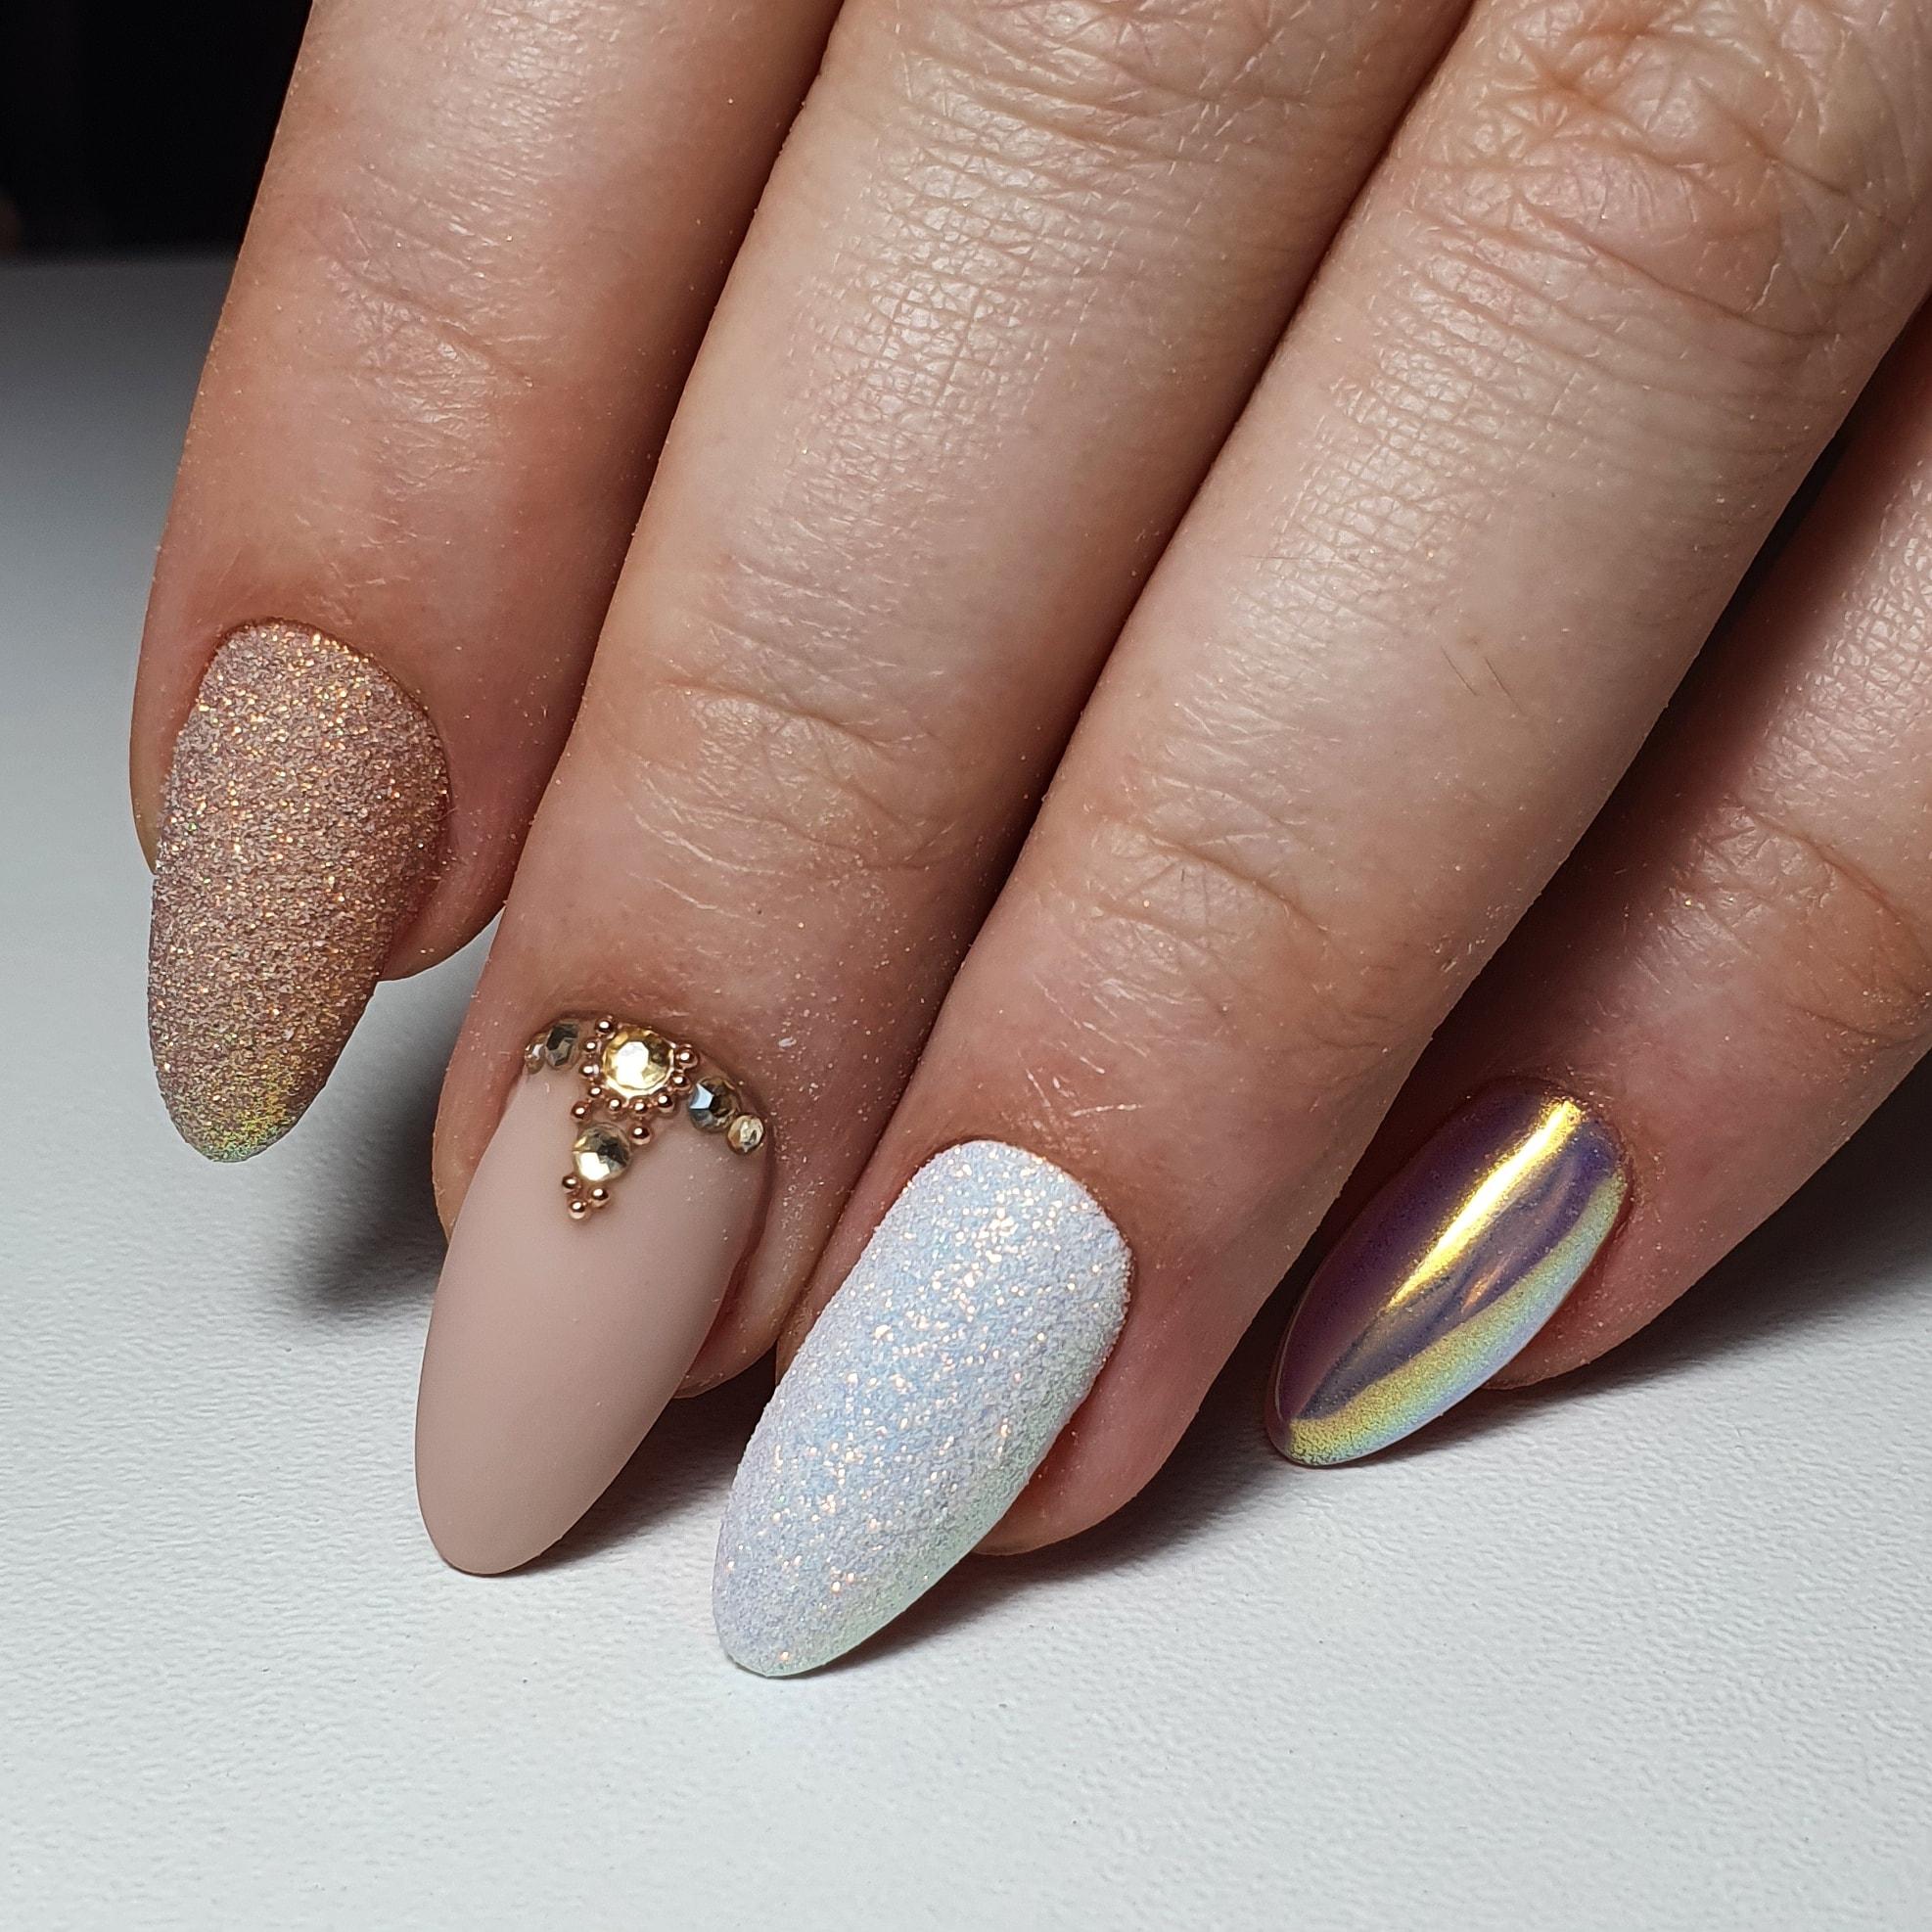 Маникюр с песочным дизайном, втиркой и стразами на длинные ногти.